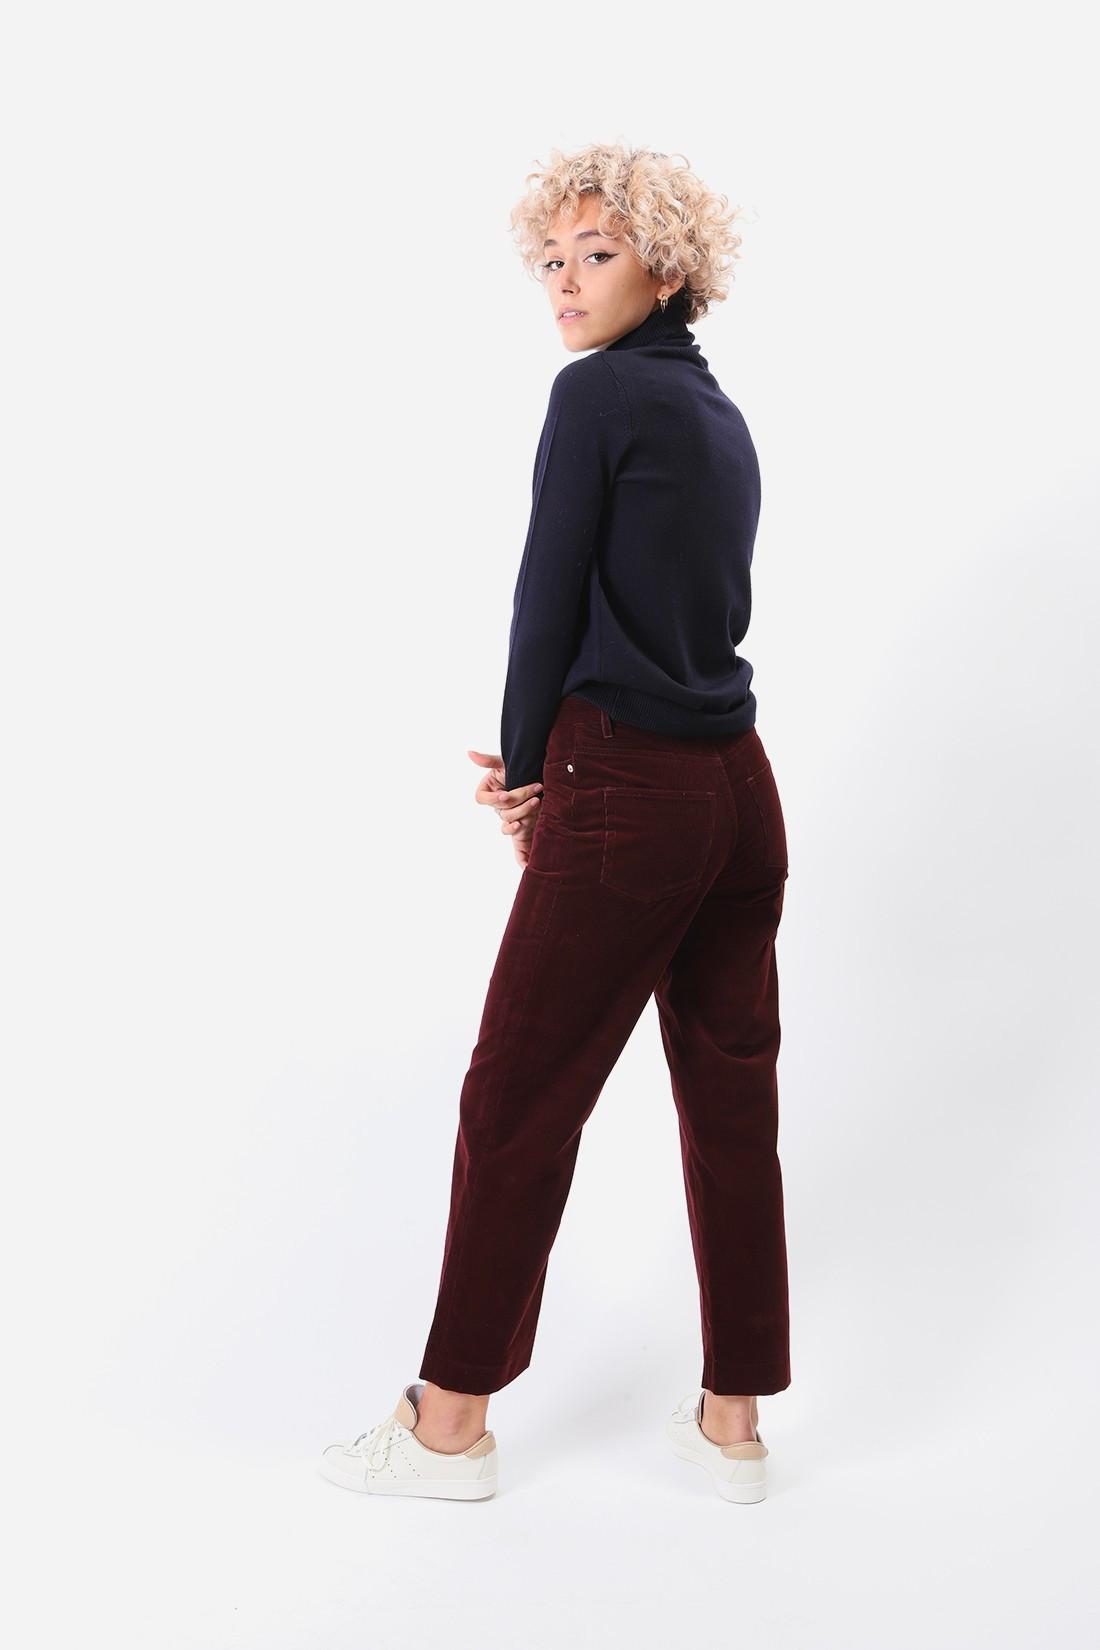 A.P.C. FOR WOMAN / Jean new sailor Bordeaux